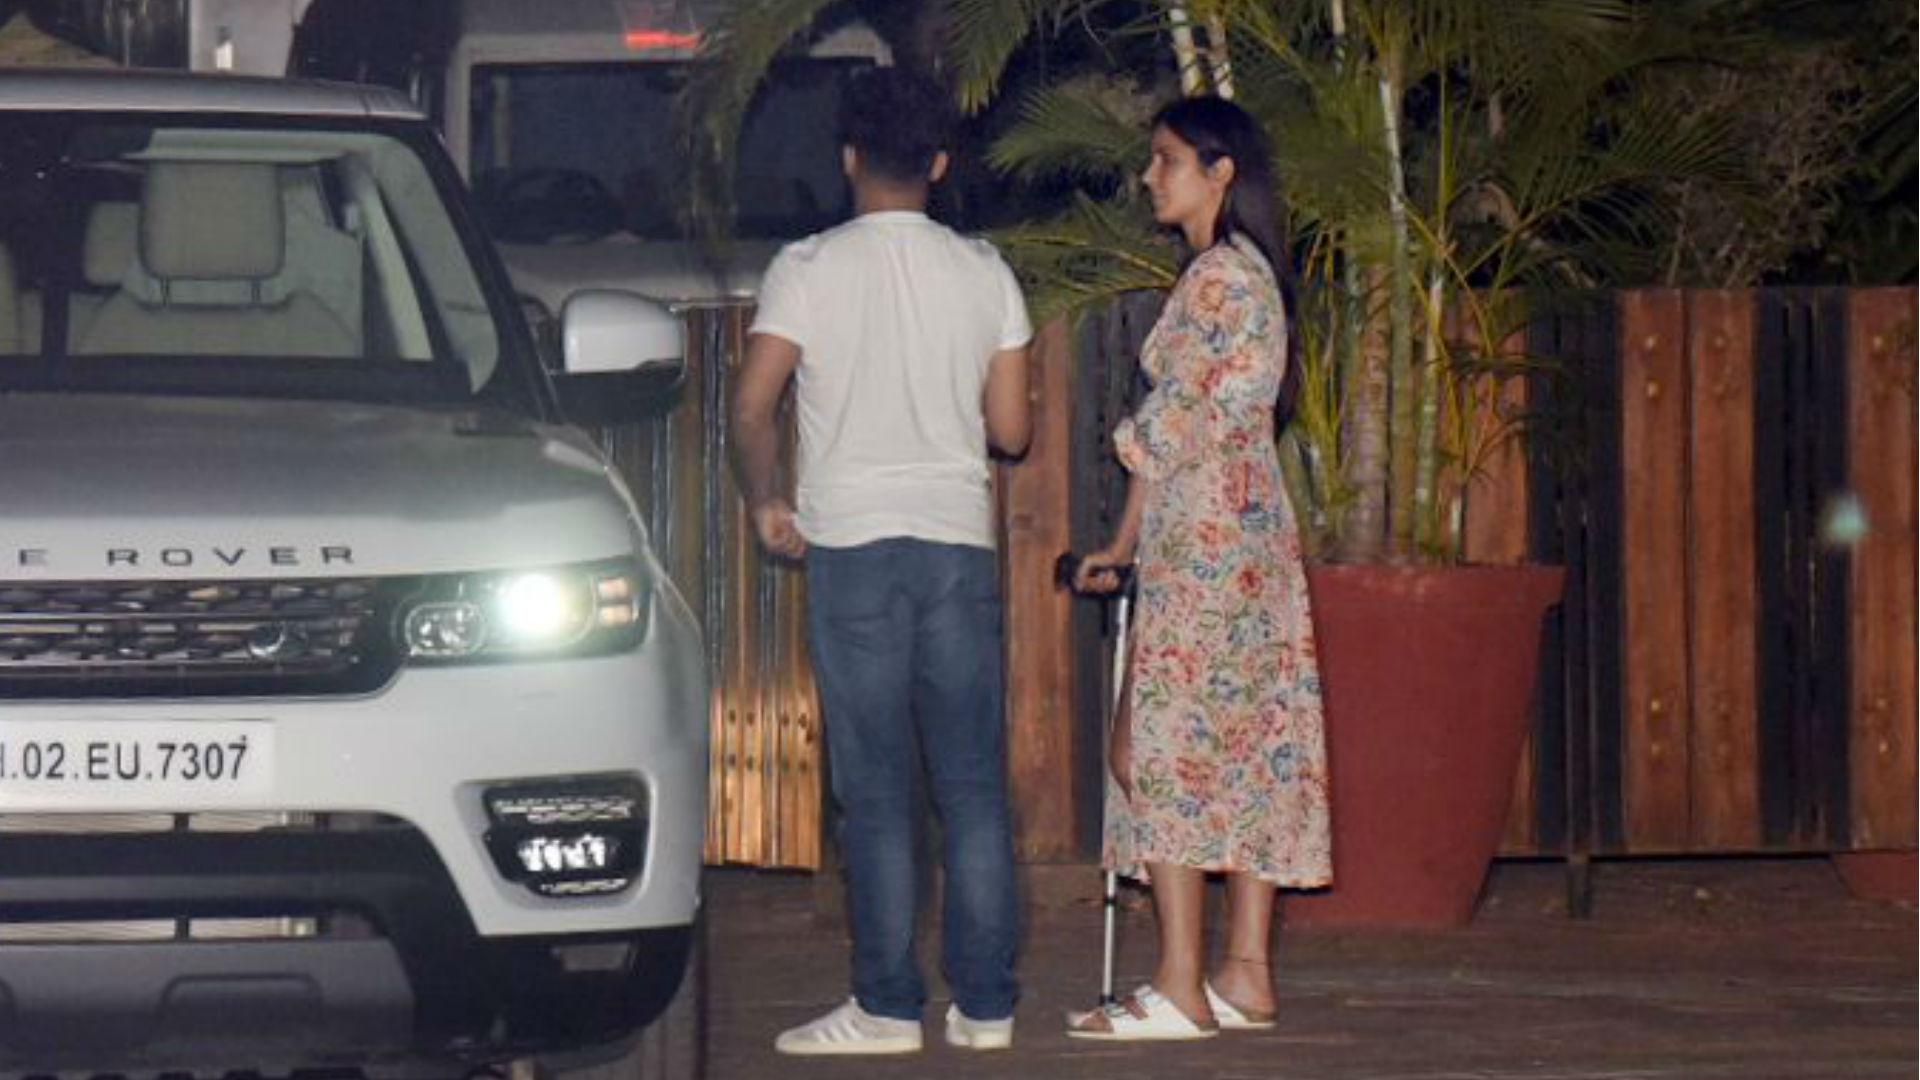 भारत की शूटिंग के दौरान घायल हुईं कैटरीना कैफ! छड़ी के सहारे चल रहीं अभिनेत्री, देखिए तस्वीरें